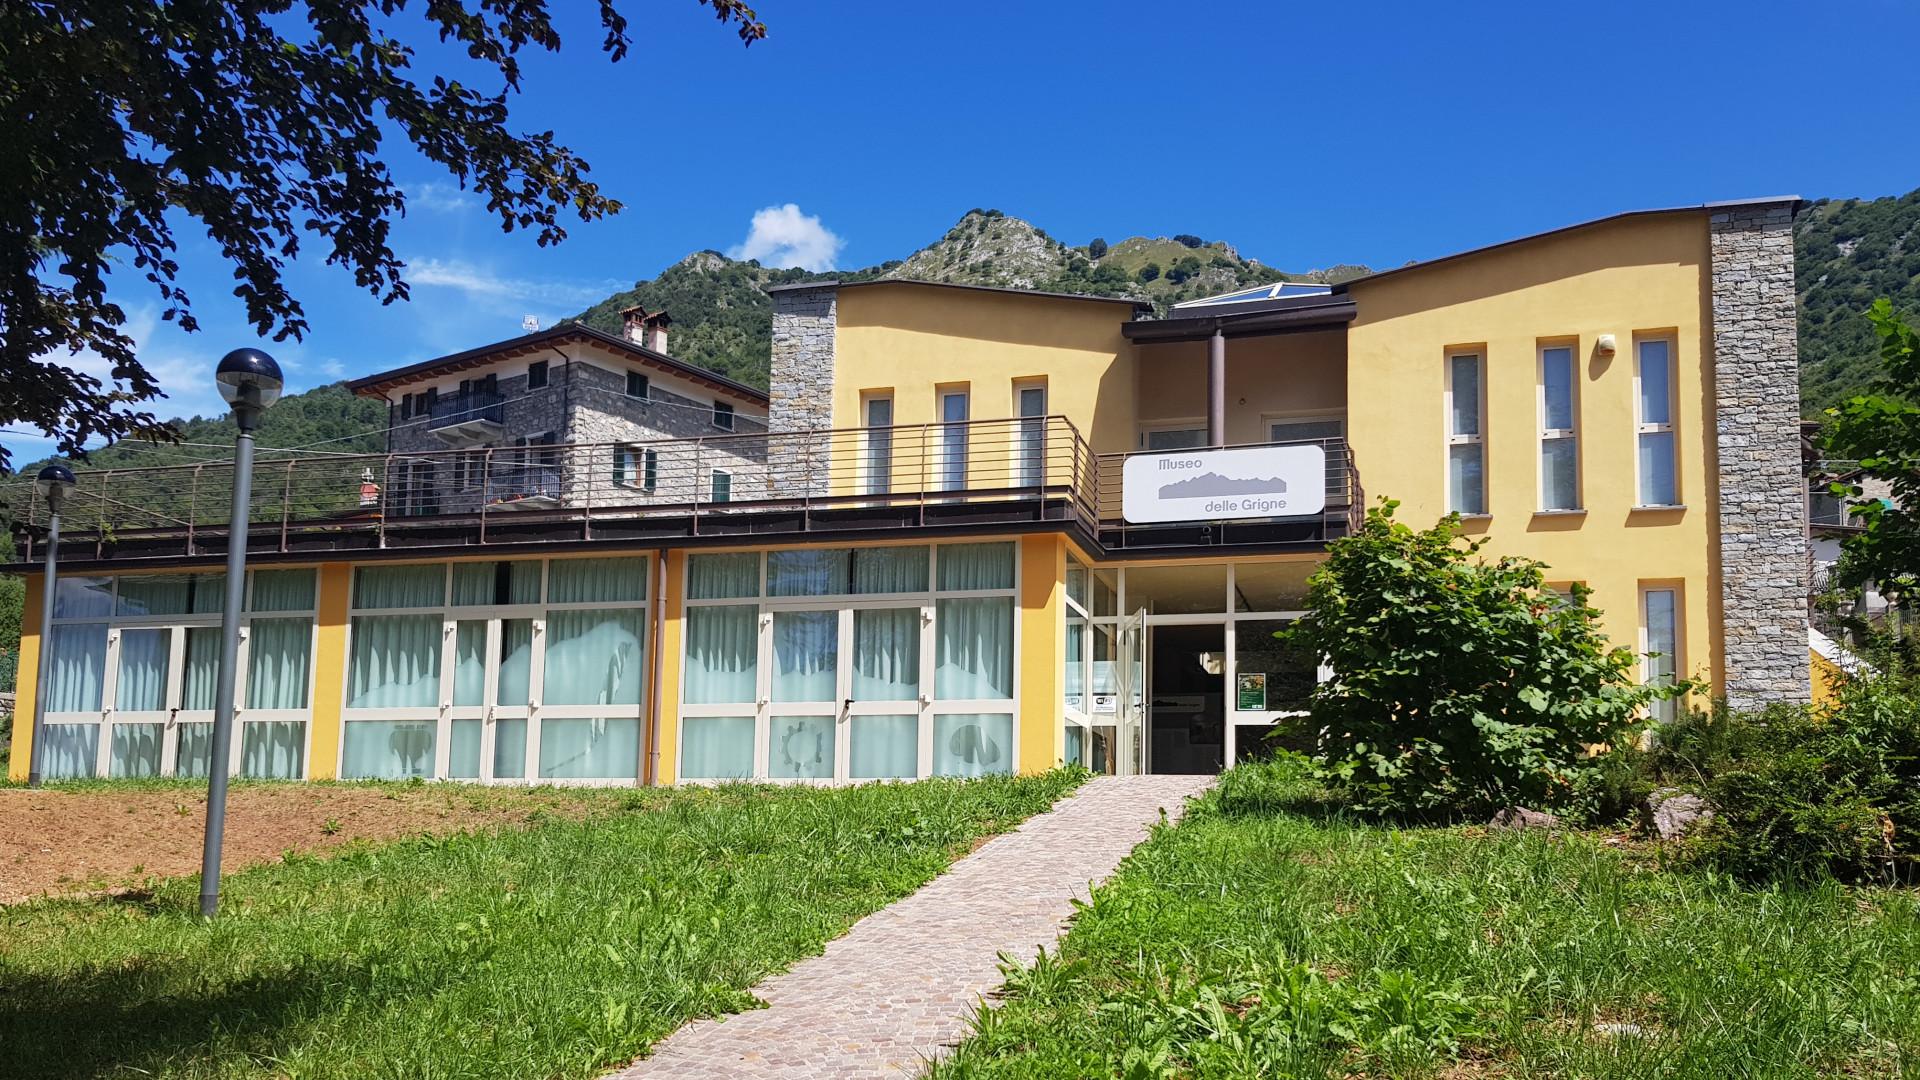 Ecomuseo delle Grigne